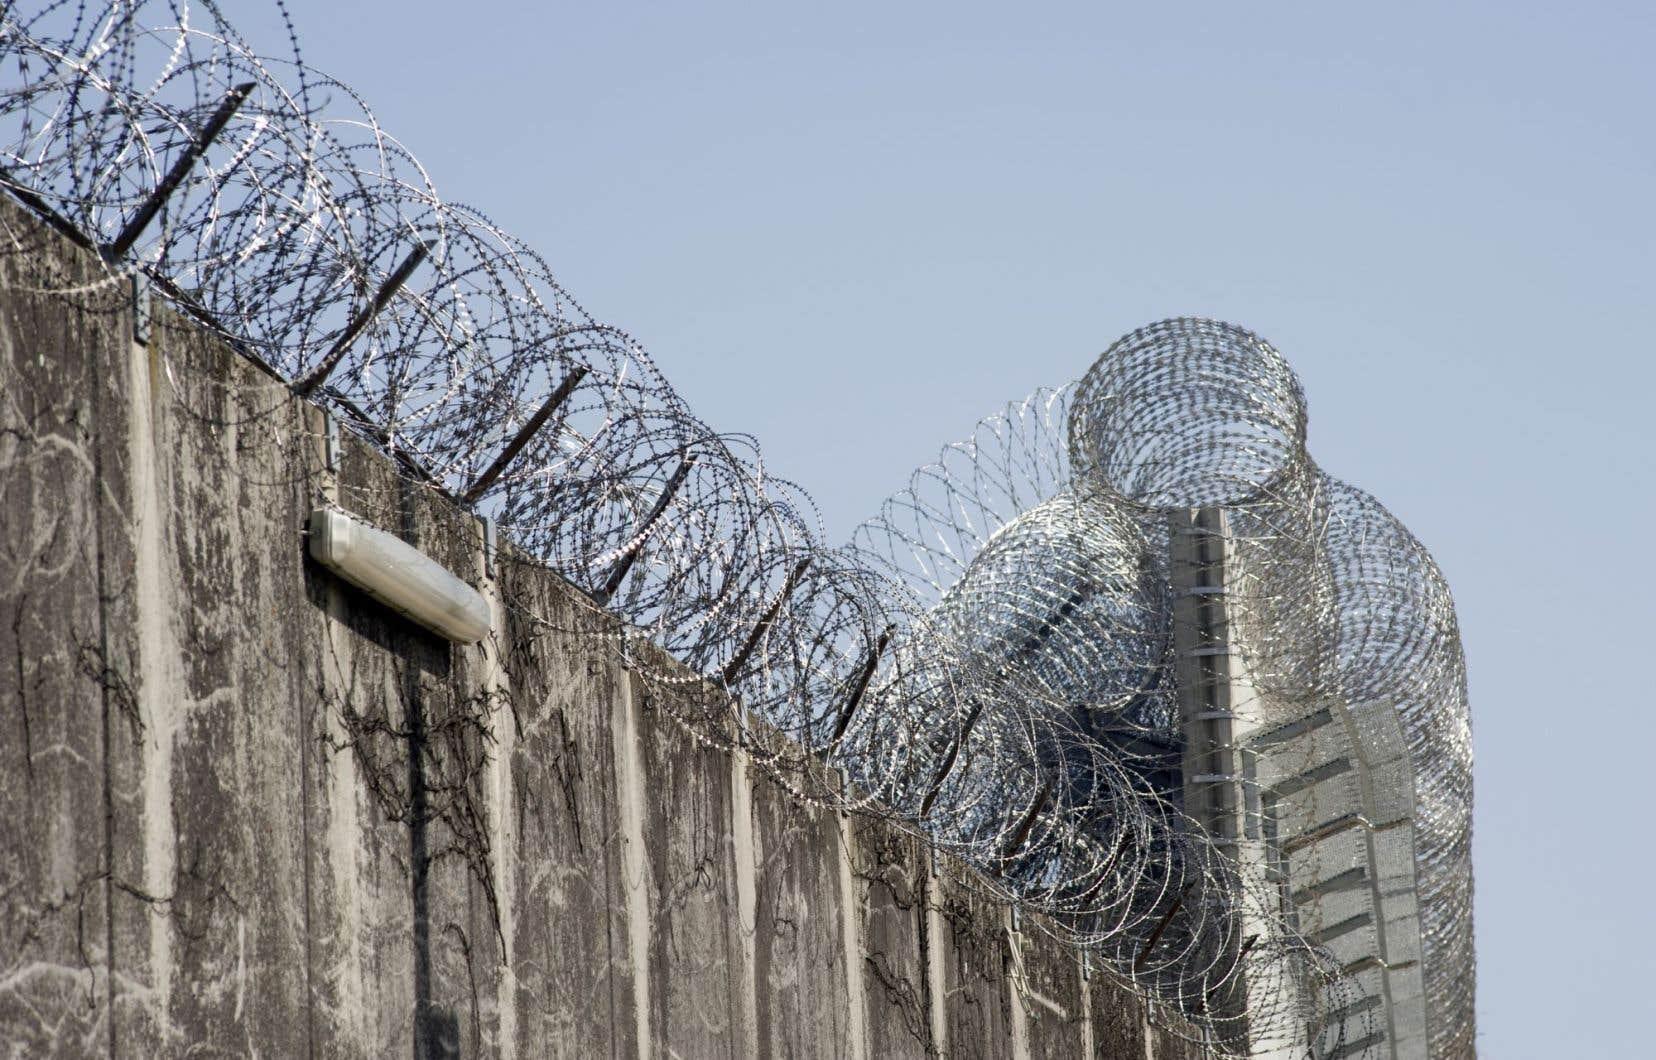 Les détenus de l'immigration, déférés dans des prisons provinciales, sont parfois mêlés à des criminels.